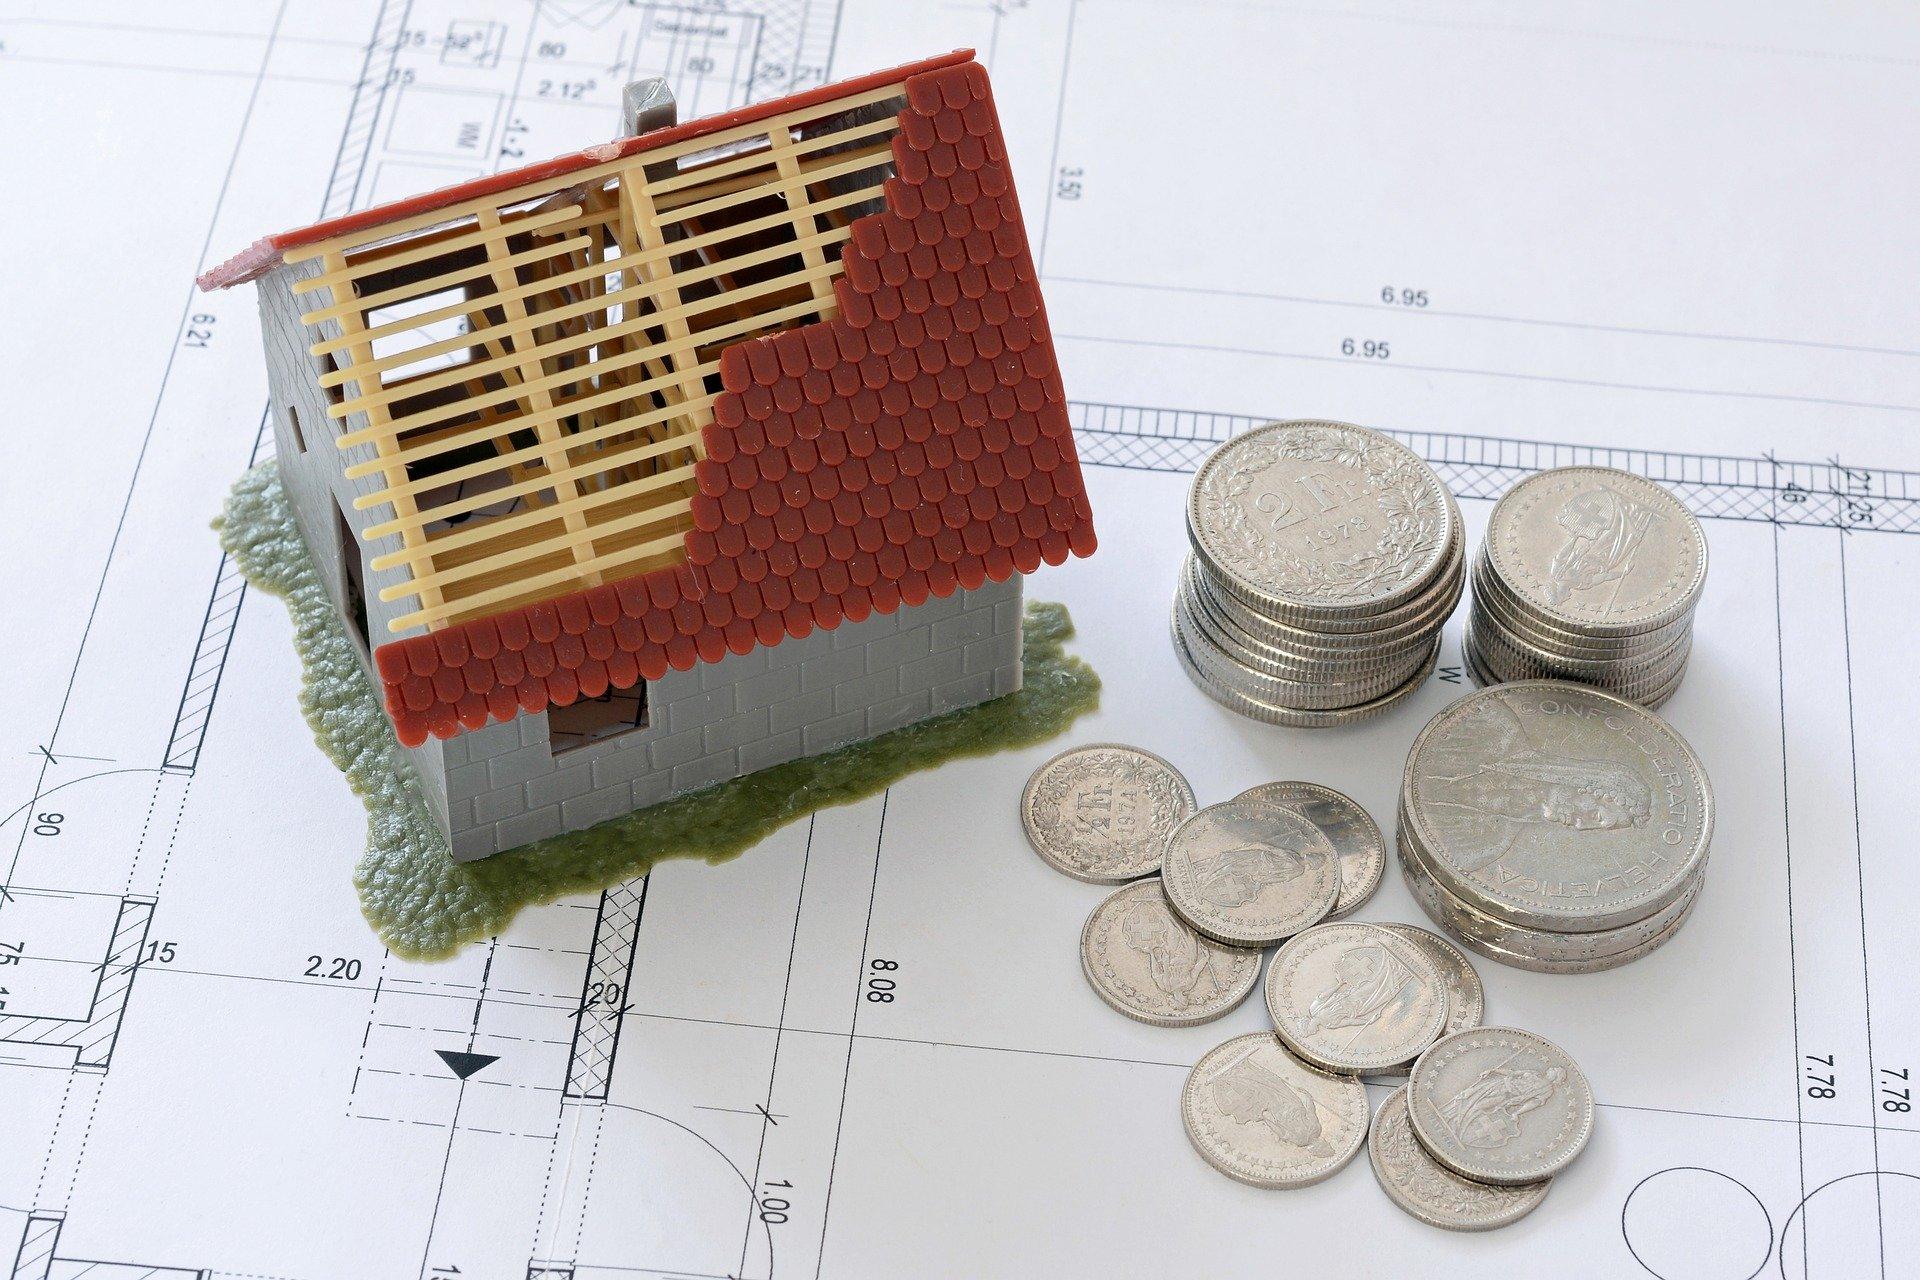 Petite maison en construction et pièces de monnaie posées sur un plan de construction